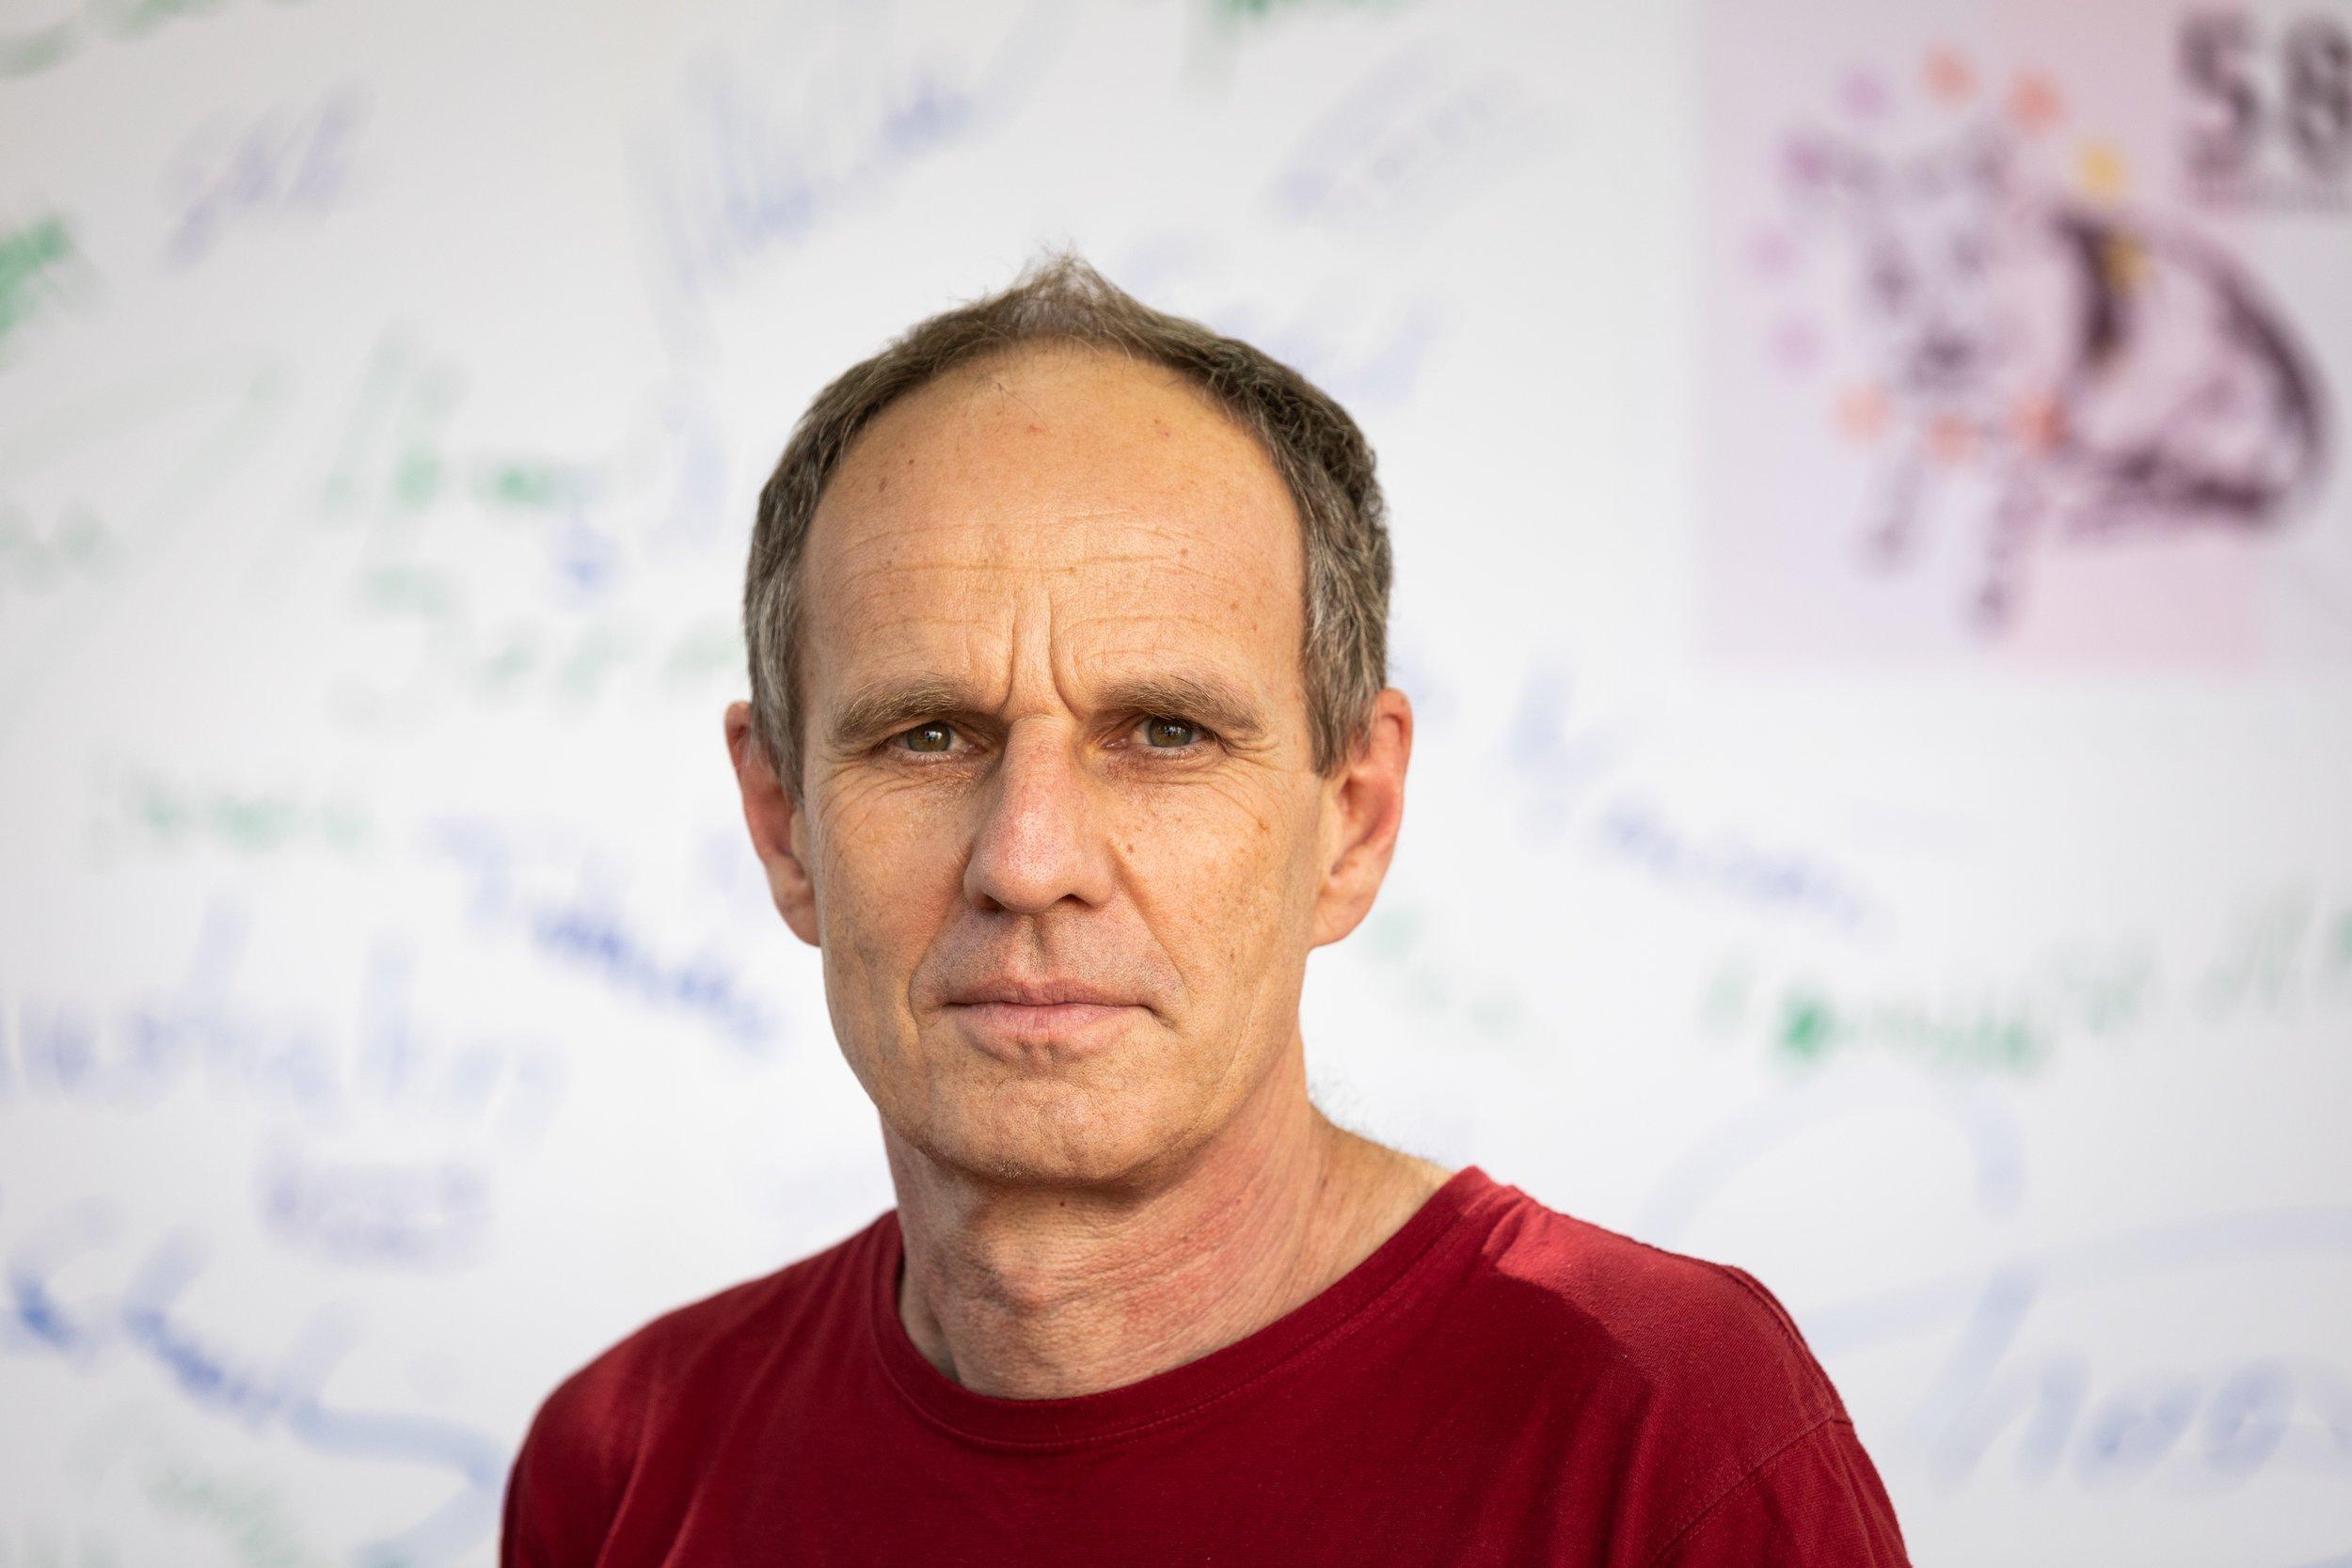 <p>Martin Hofstetter, Agrar-Experte von Greenpeace, erzählt im Interview, was am Konzept der wahren Kosten dran ist</p>